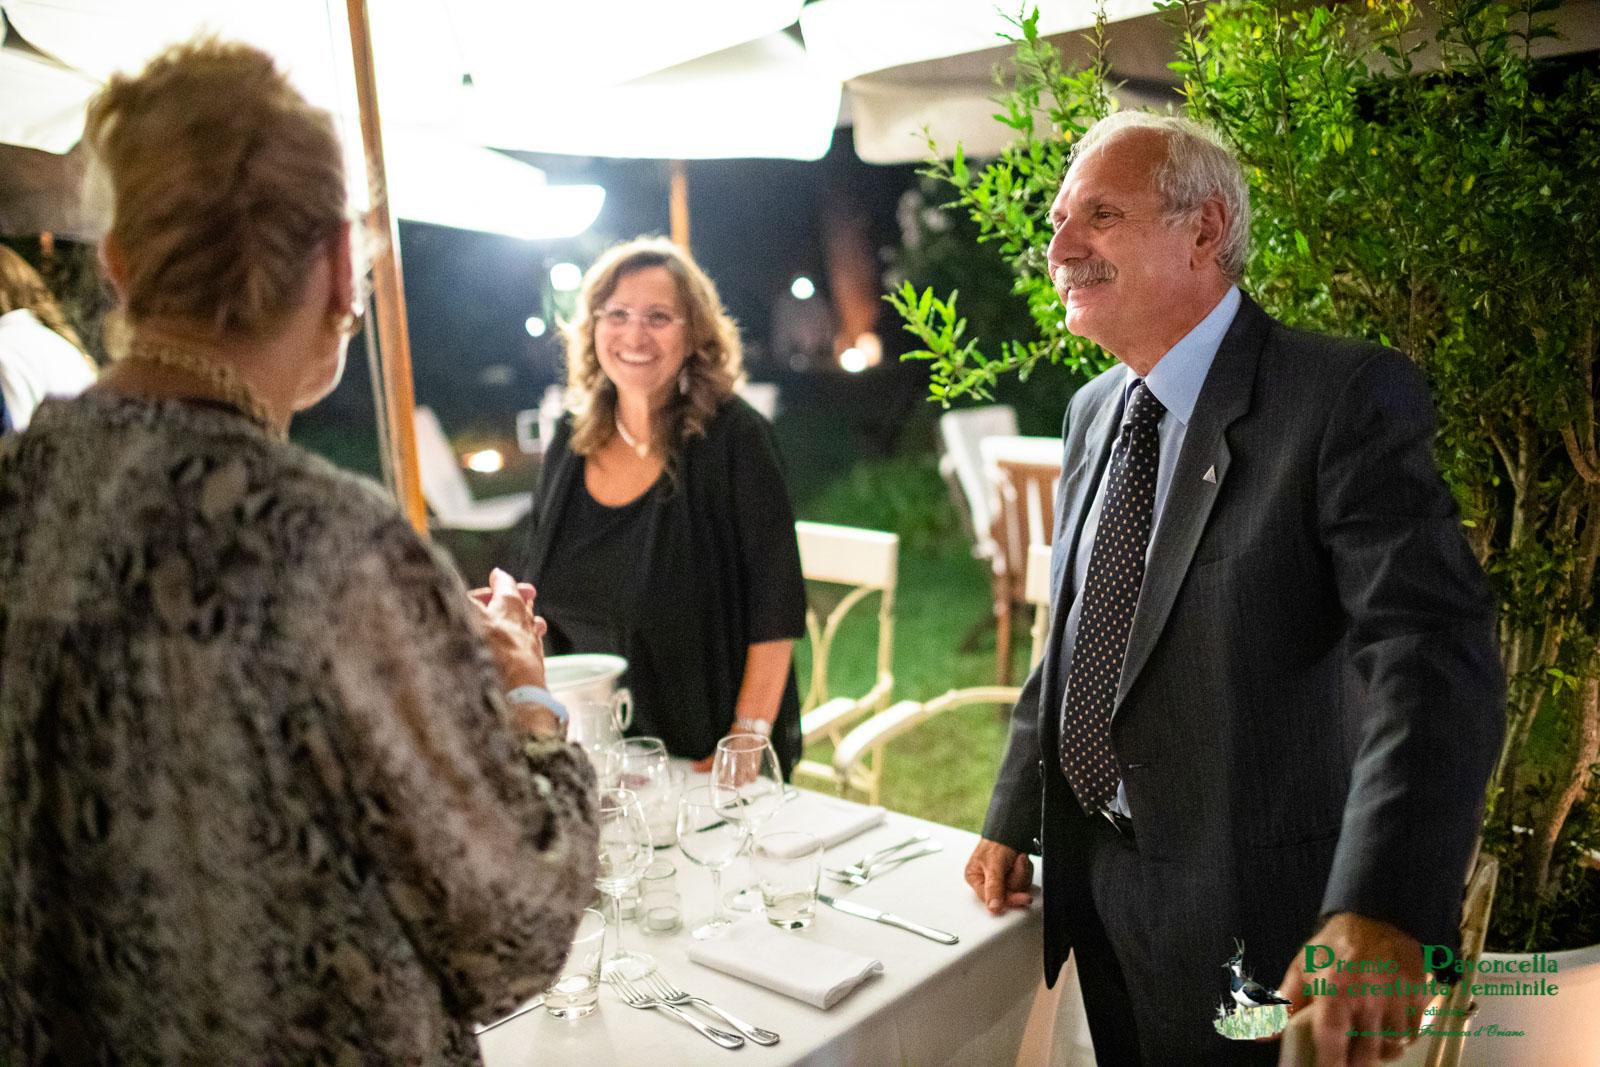 Il Presidente del Parco nazionale del Circeo, gen.  Antonio Ricciardi con la consorte, al San Francesco di Ludovica De Cesare ed Elena Daneo;